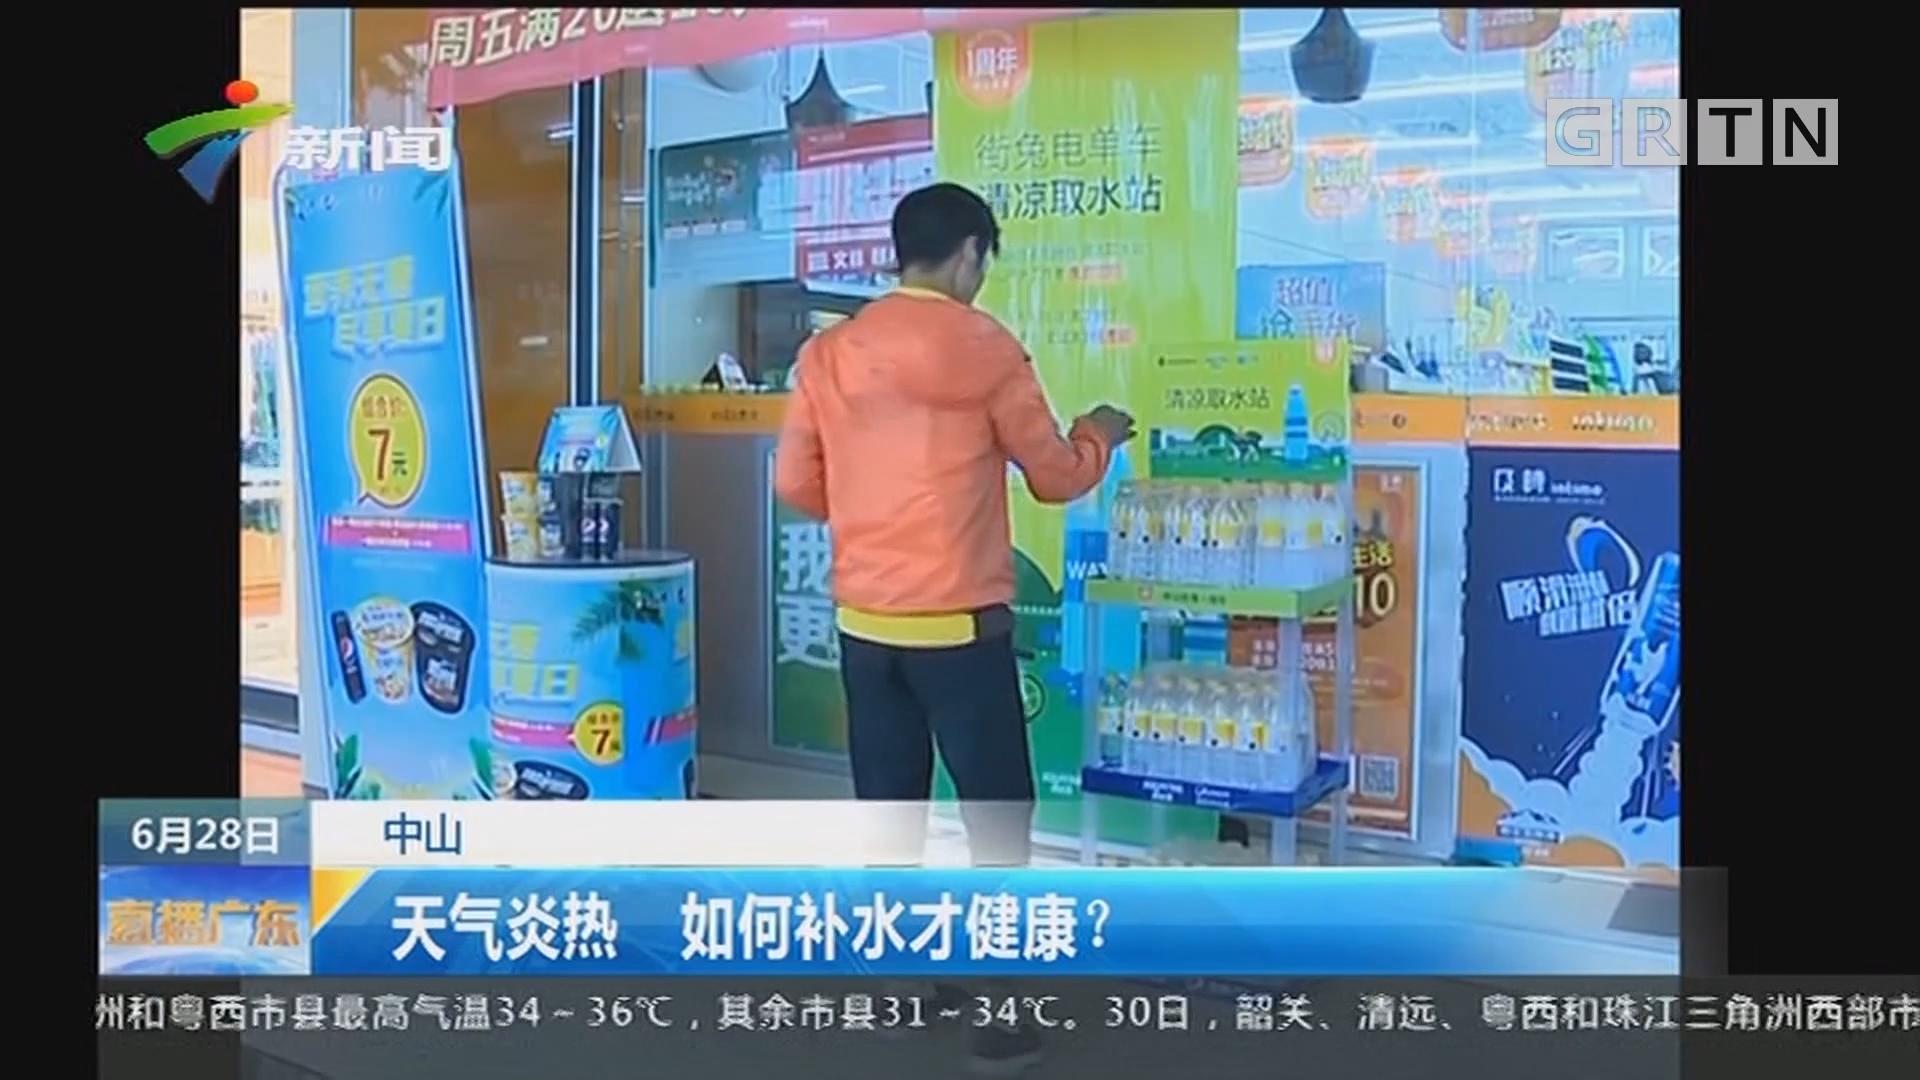 中山:天气炎热 如何补水才健康?